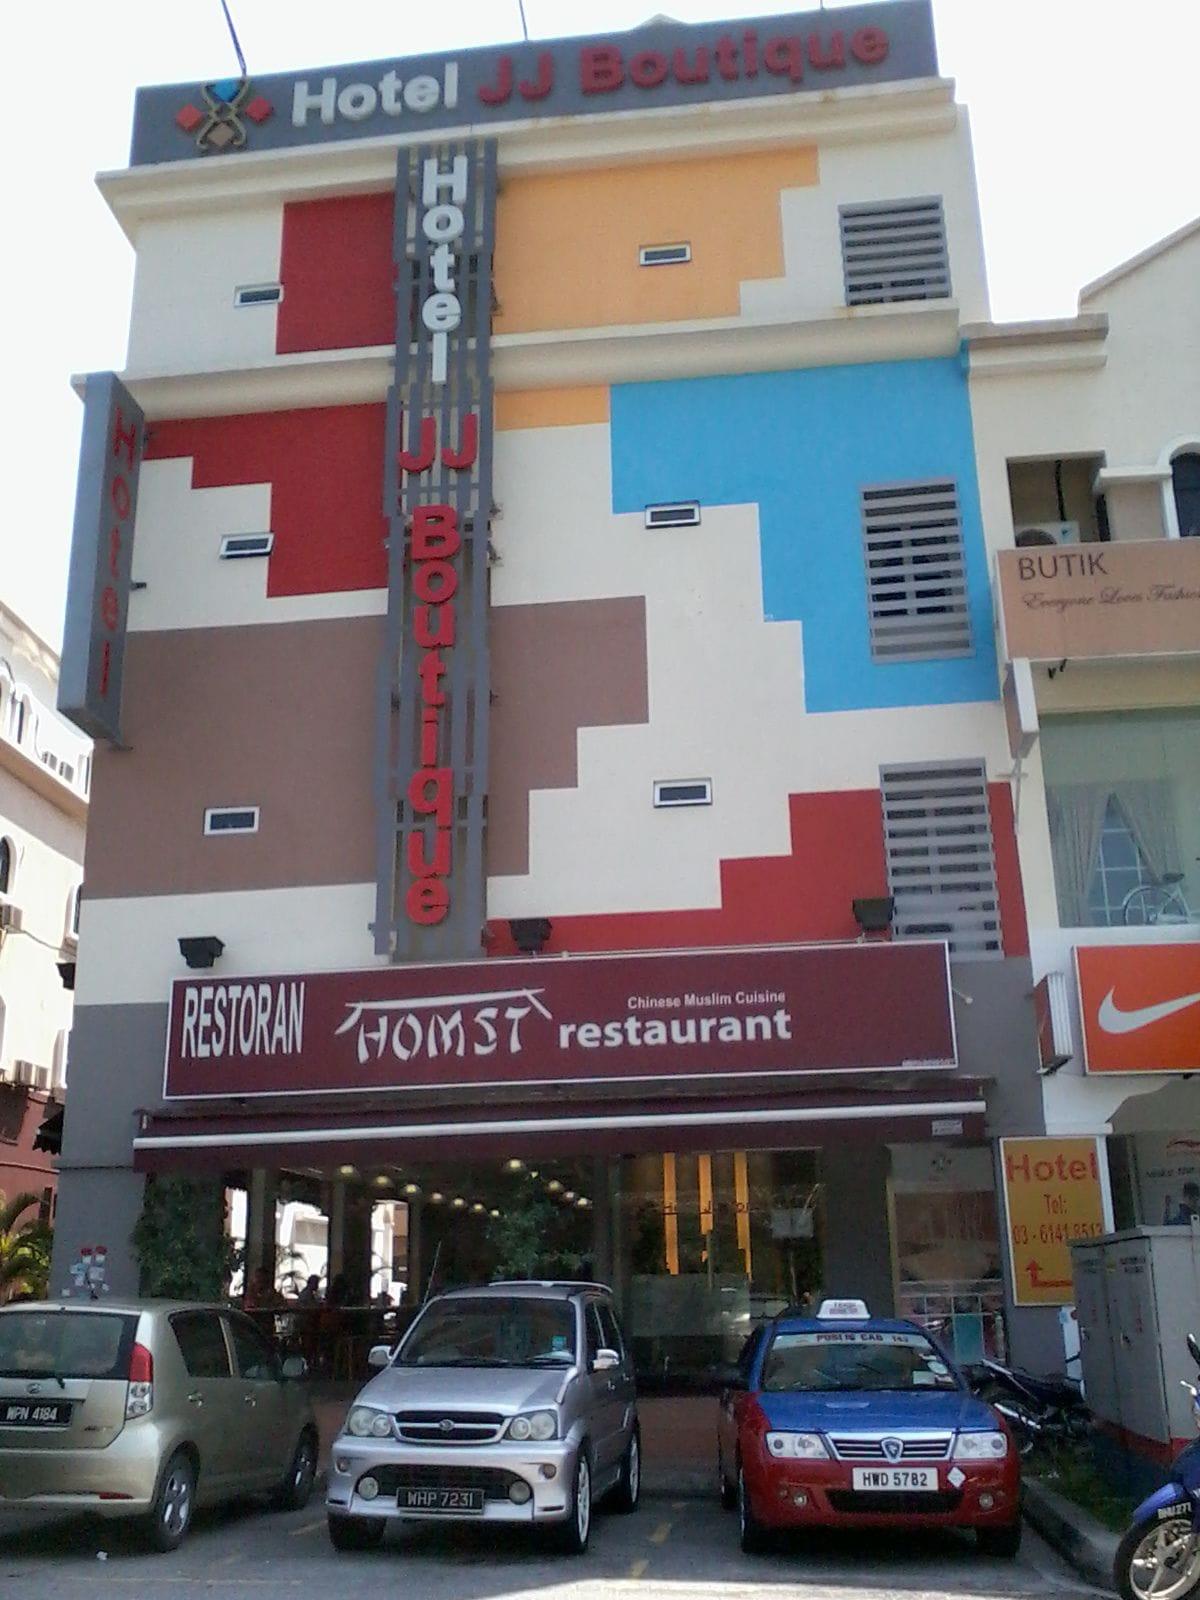 JJ Boutique Hotel Kota Damansara, Kuala Lumpur